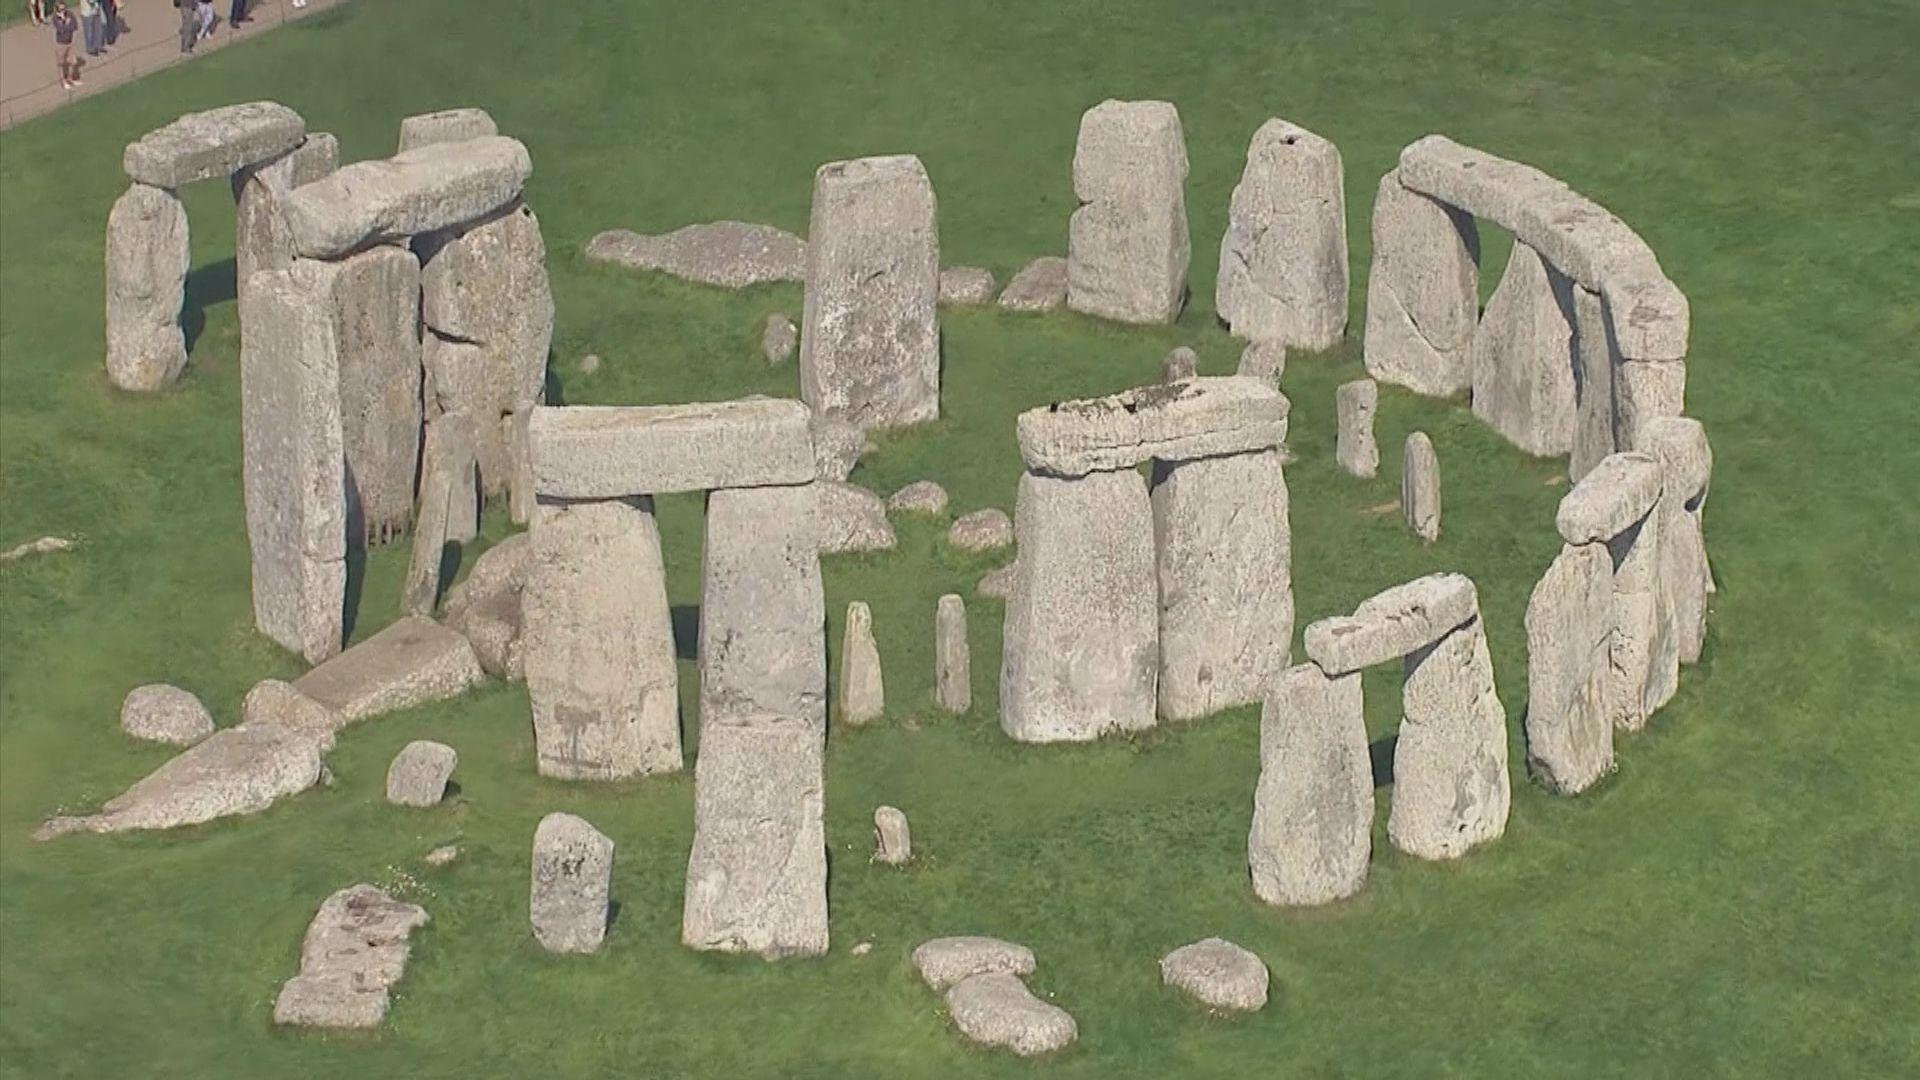 聯合國教科文組織考慮將巨石陣列入瀕危世界遺產